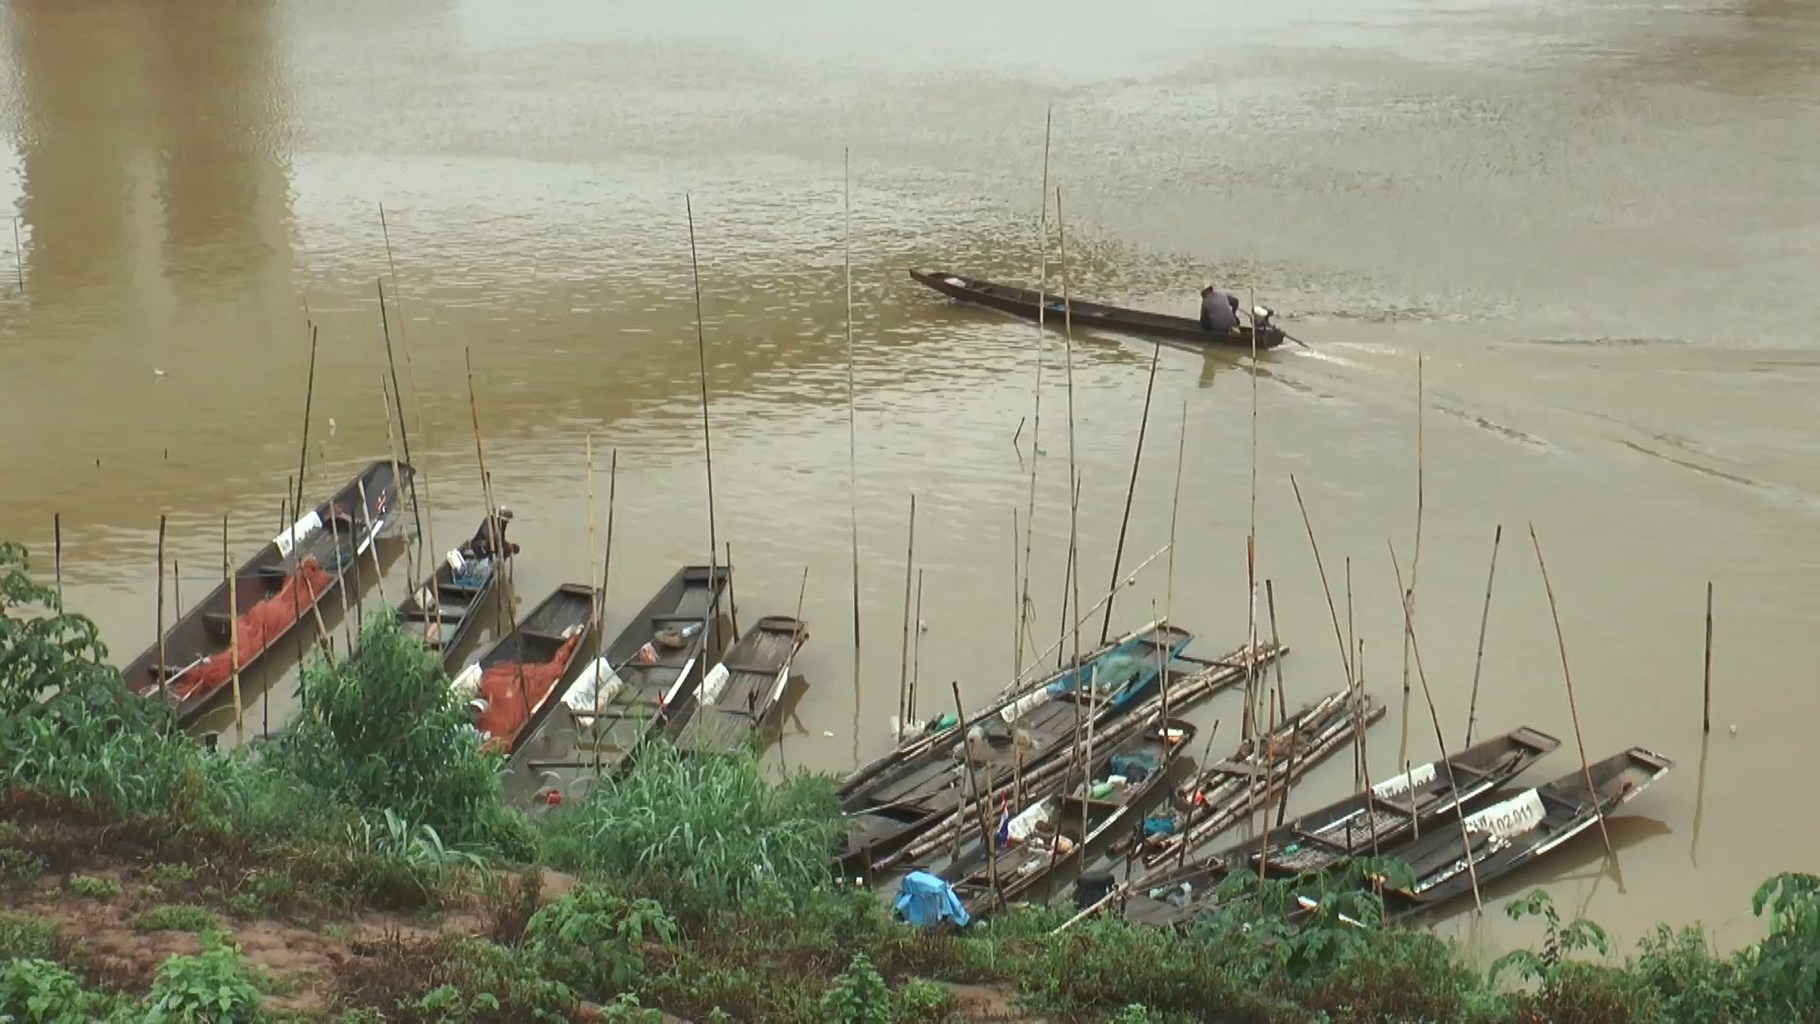 Laoští rybáři na řece Mekong